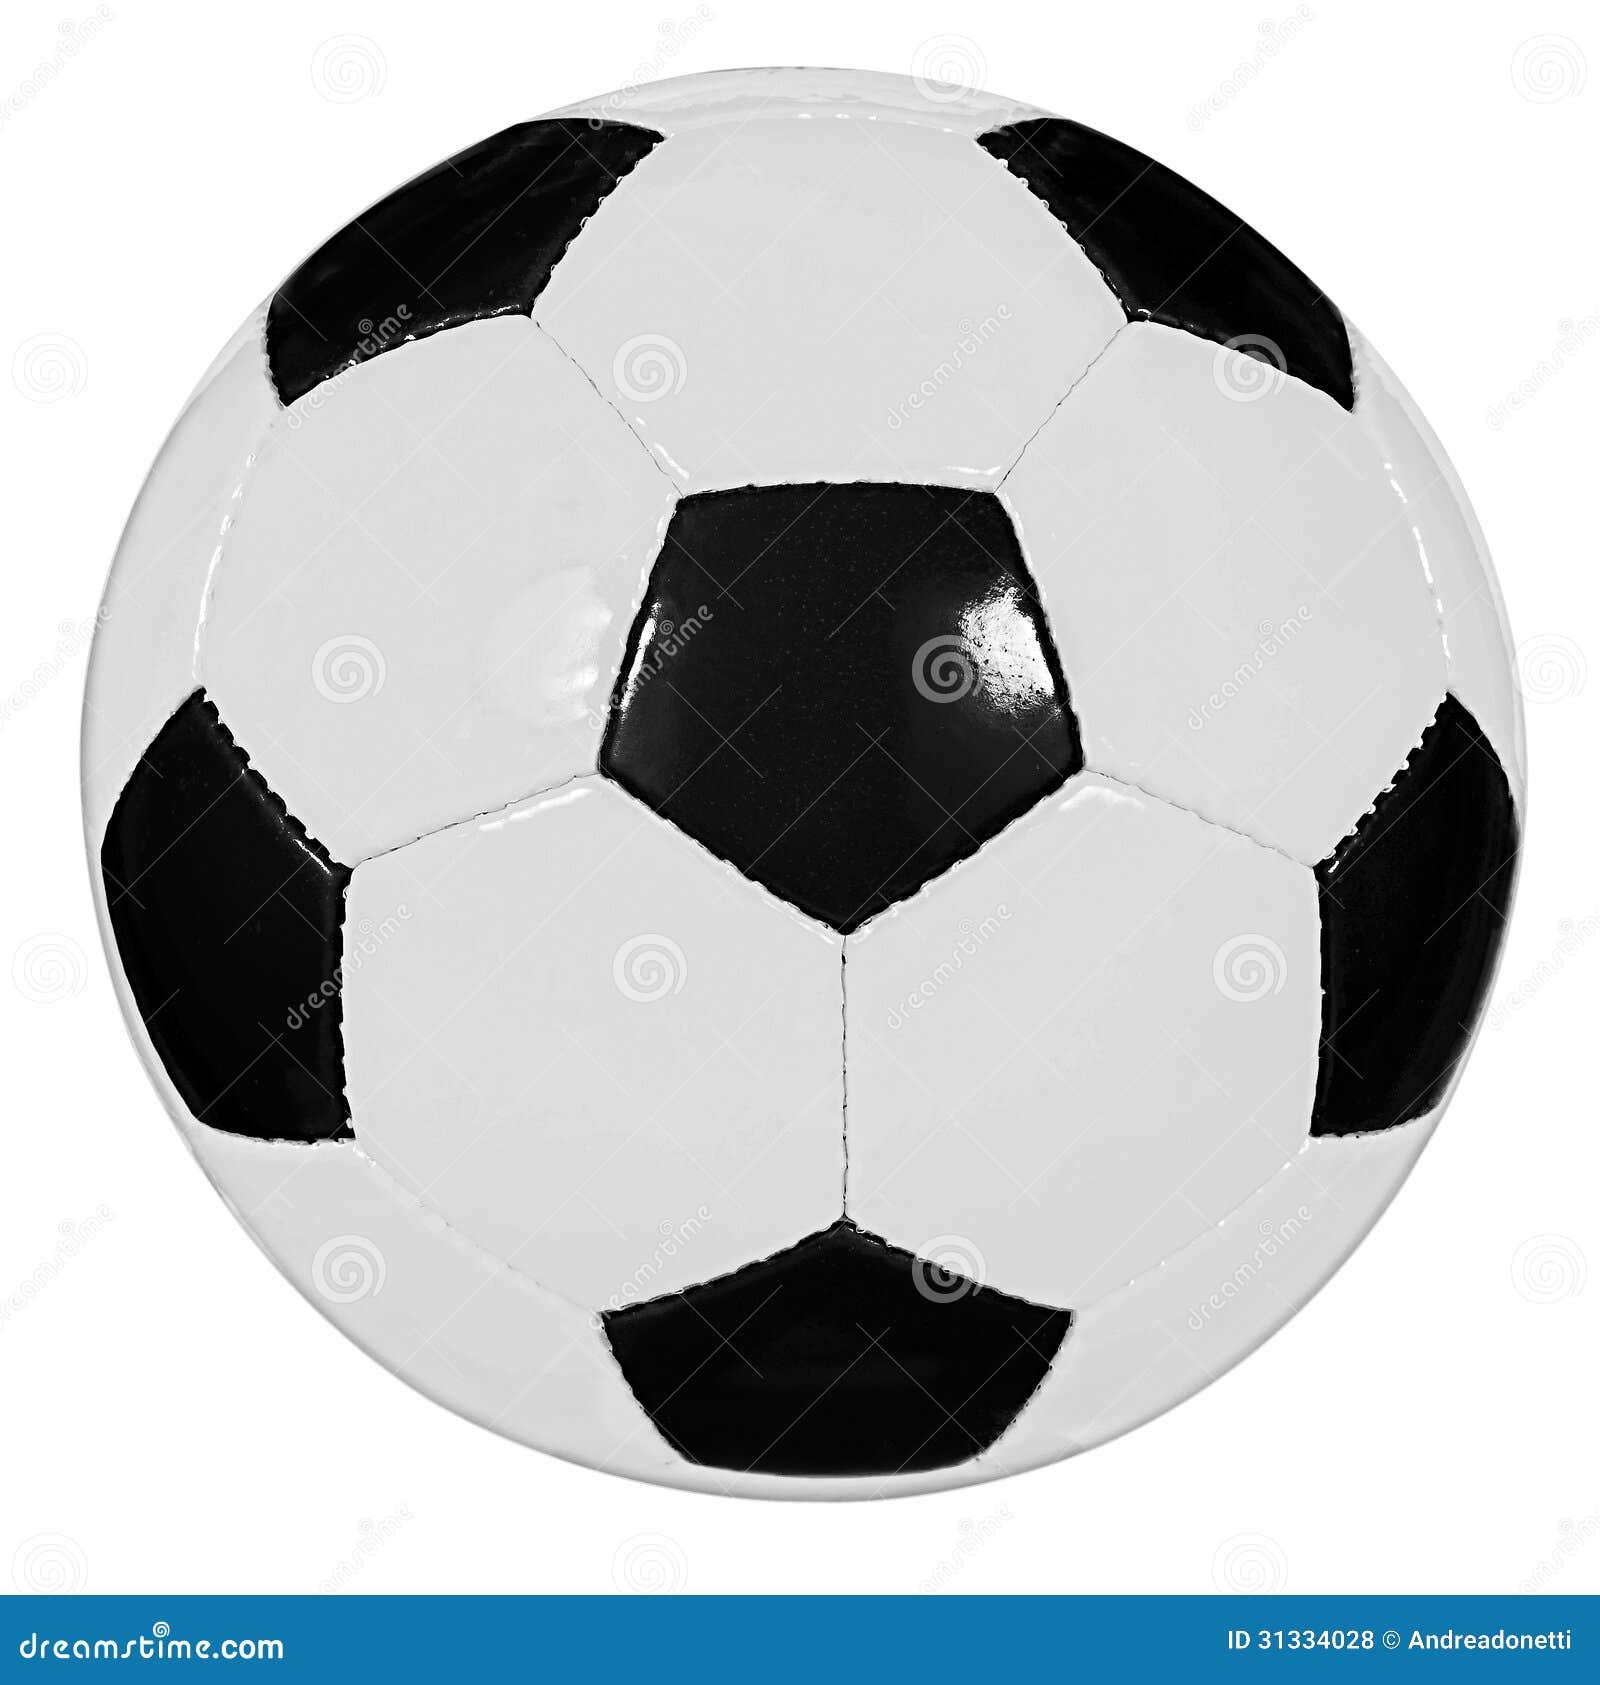 Pallone da calcio in bianco e nero fotografia stock - Pagina da colorare di un pallone da calcio ...